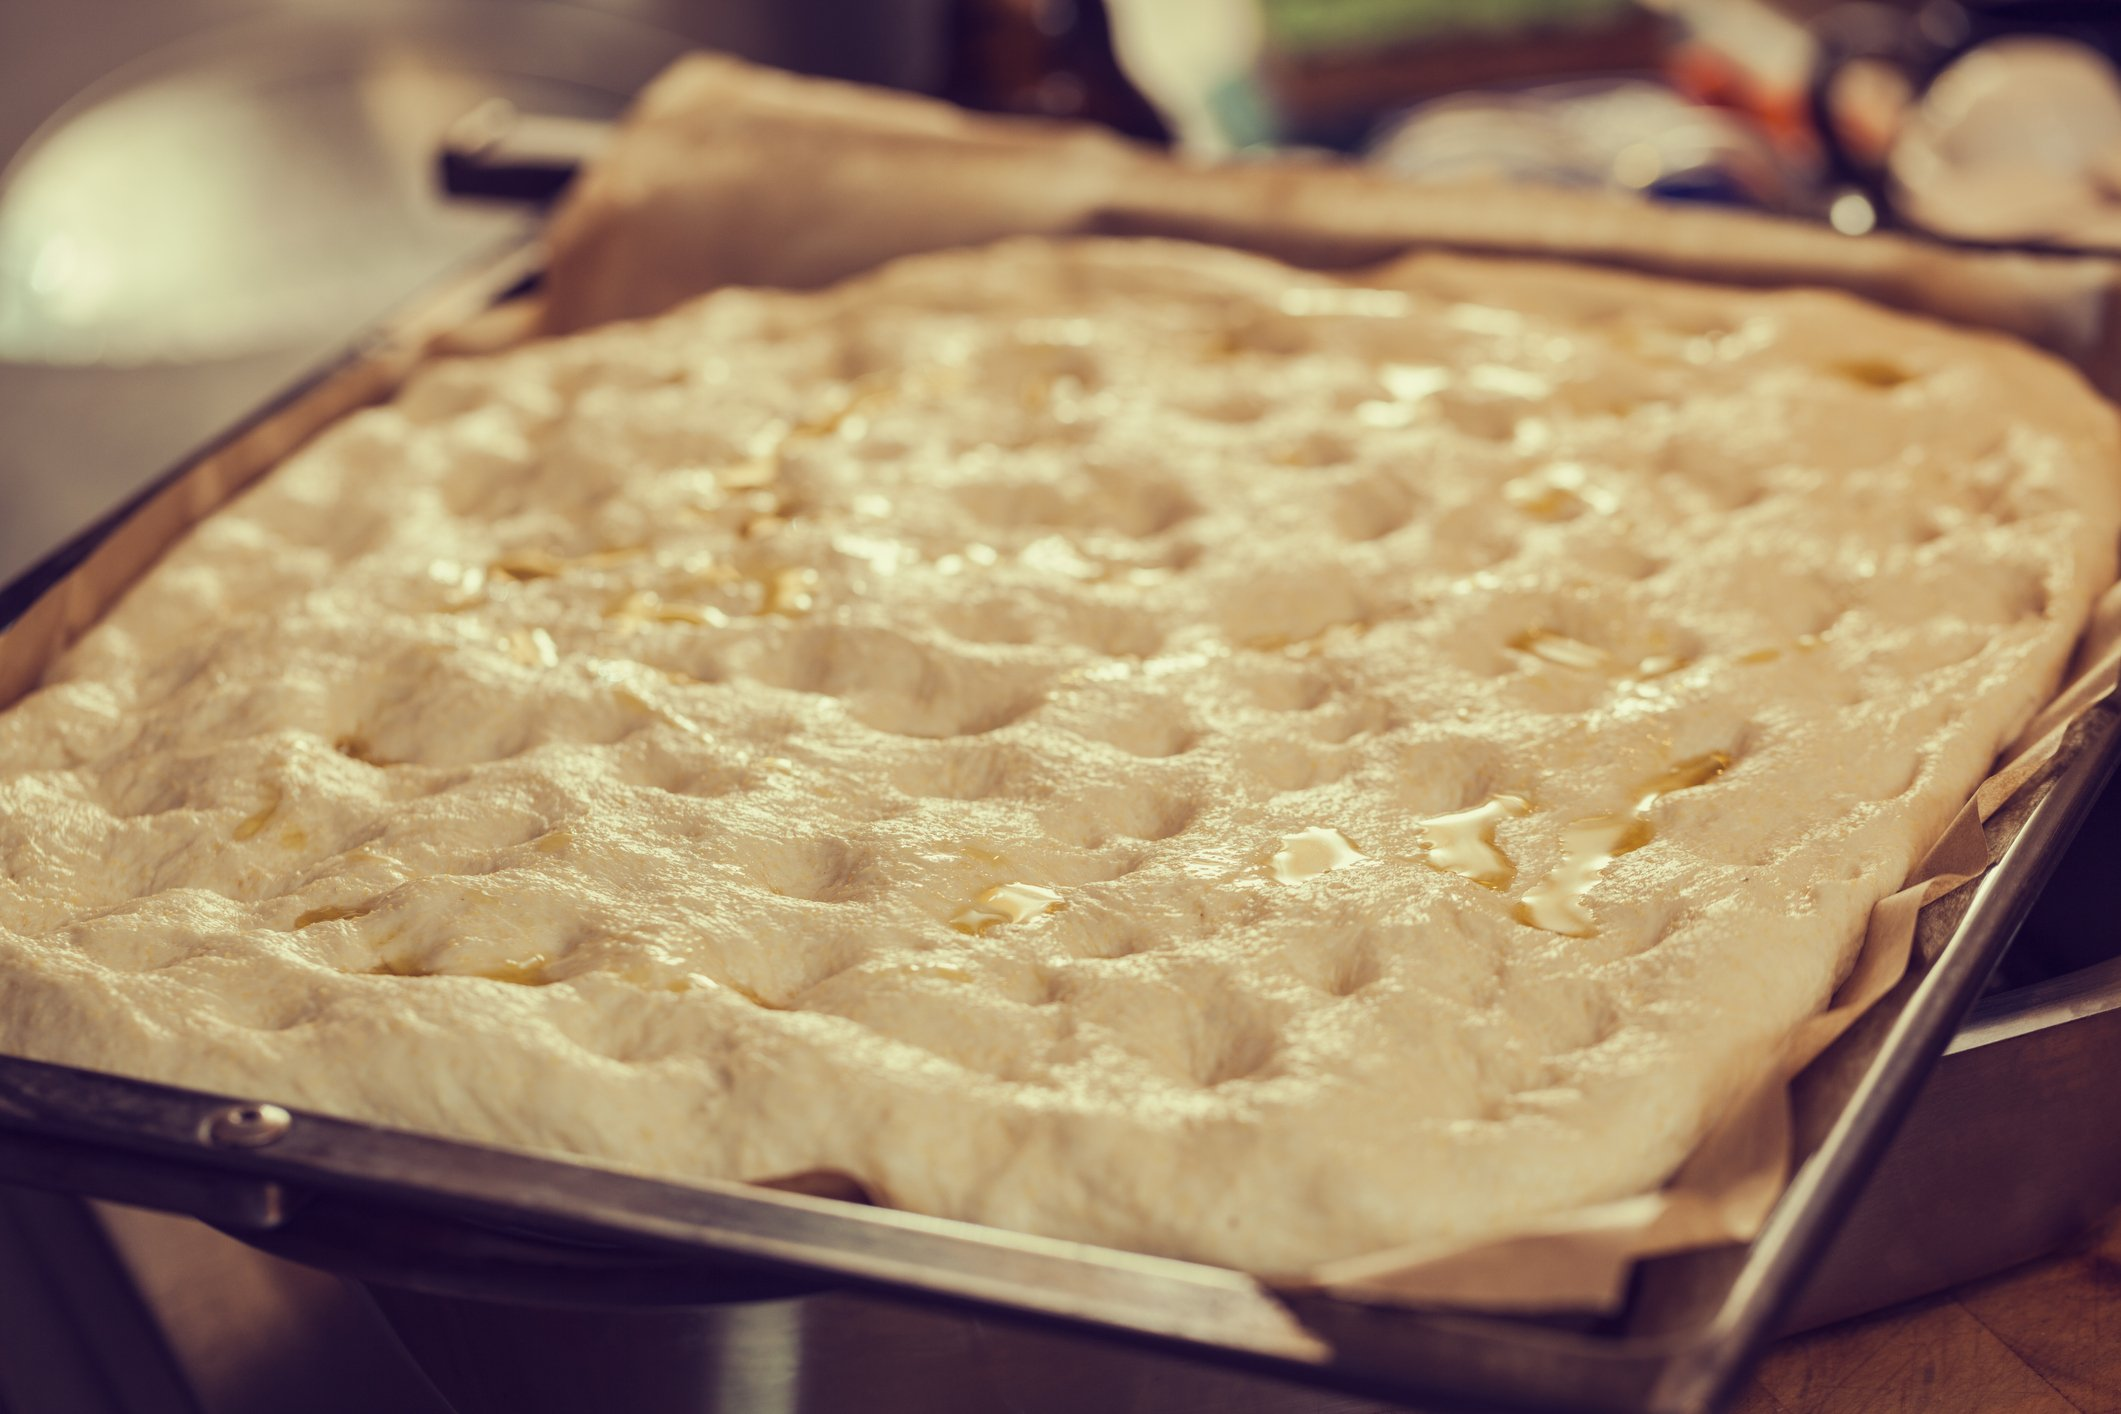 Focaccia bread dough ready for baking;